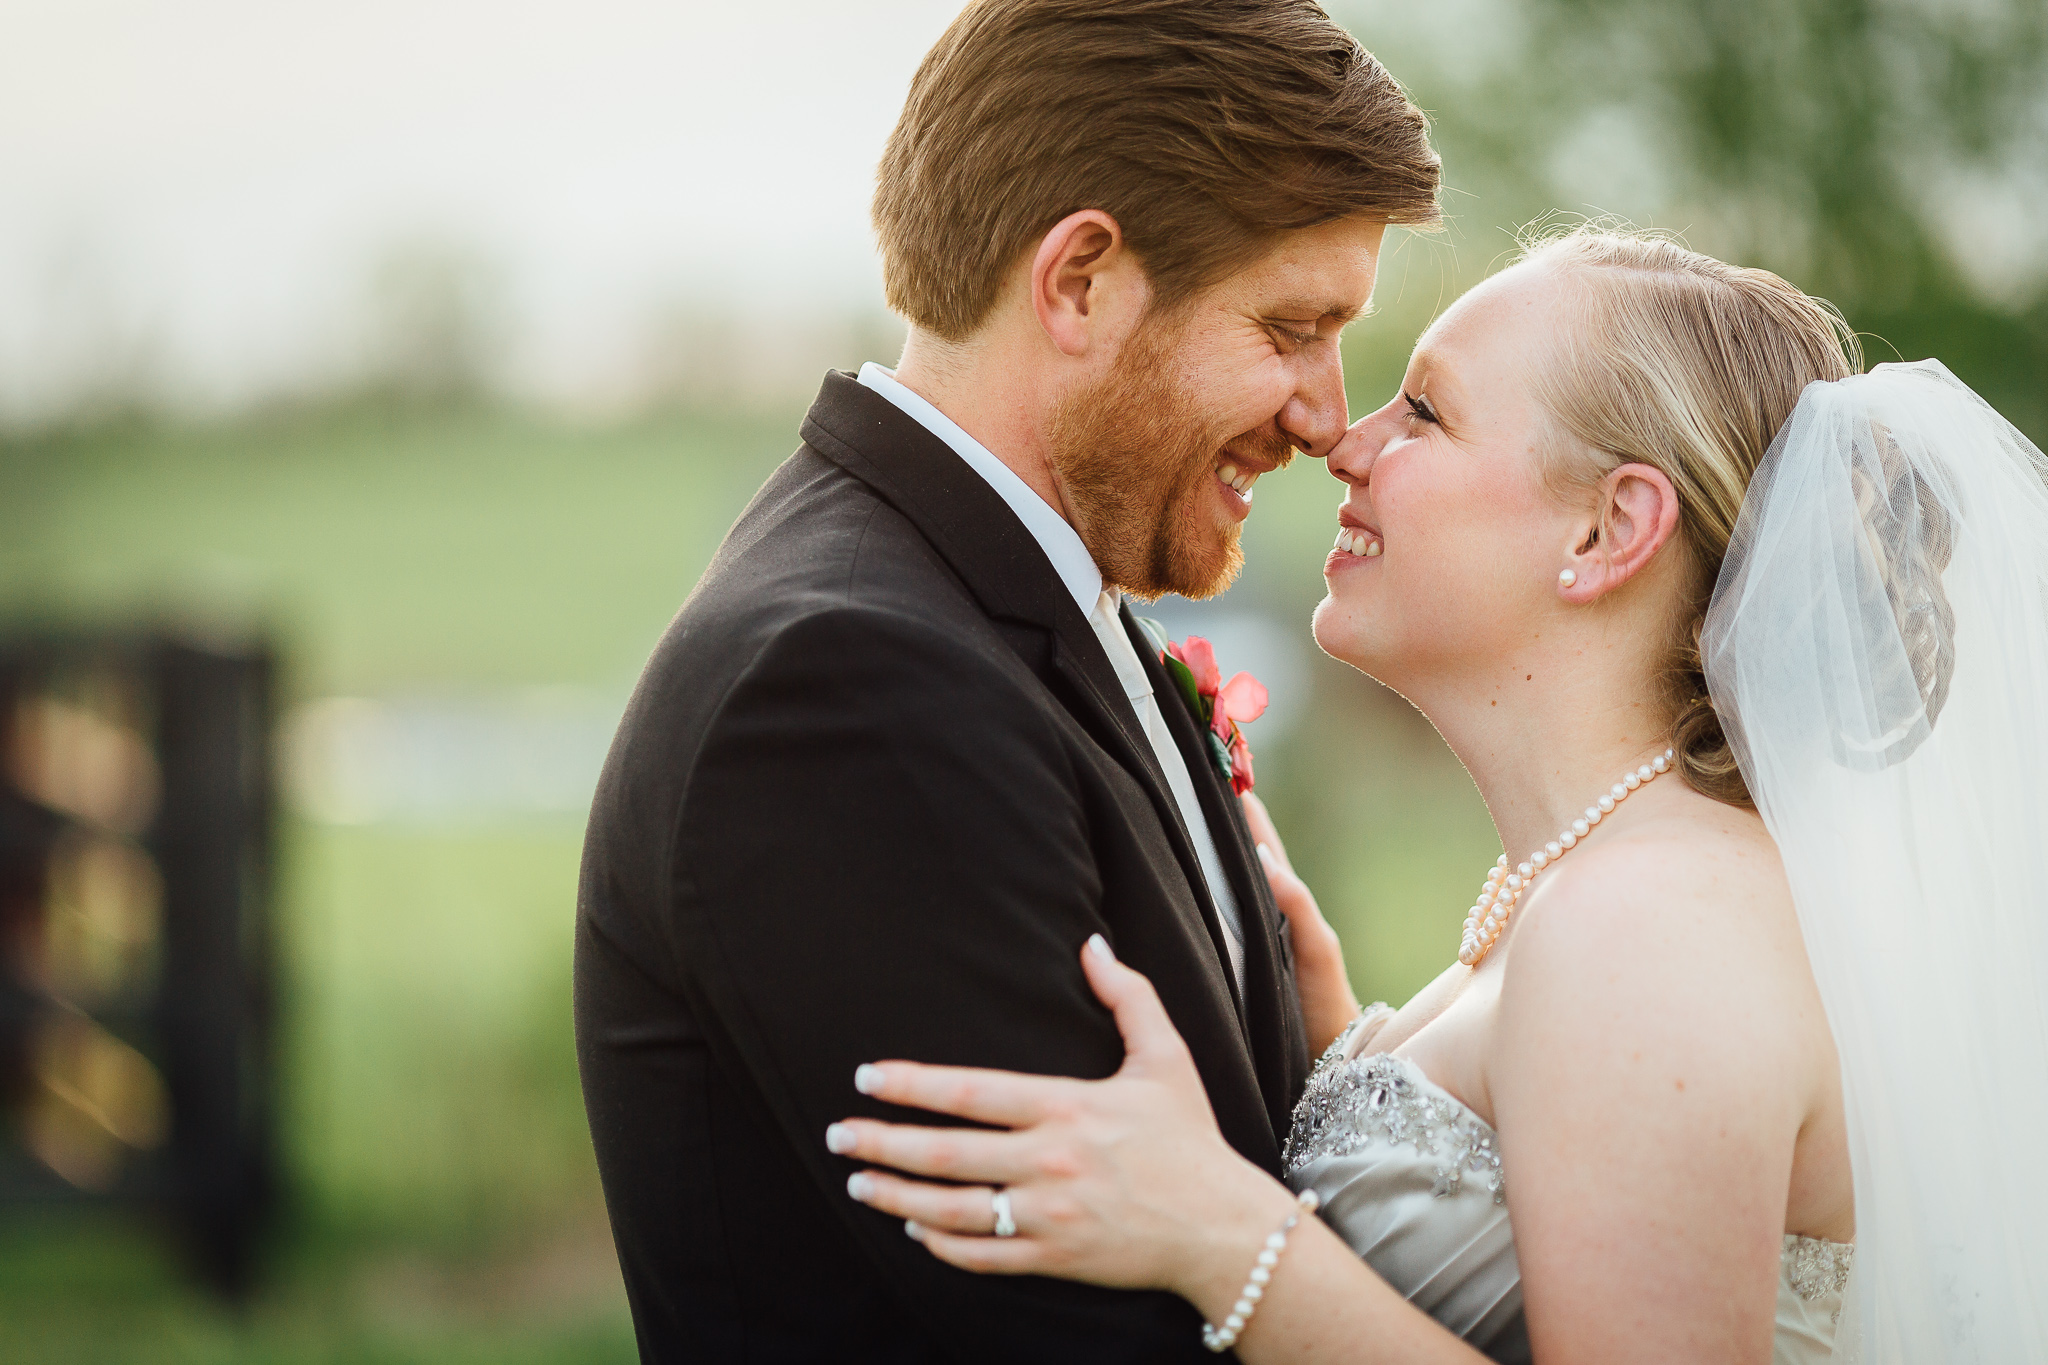 Zac & Miranda's wedding sb-93.jpg